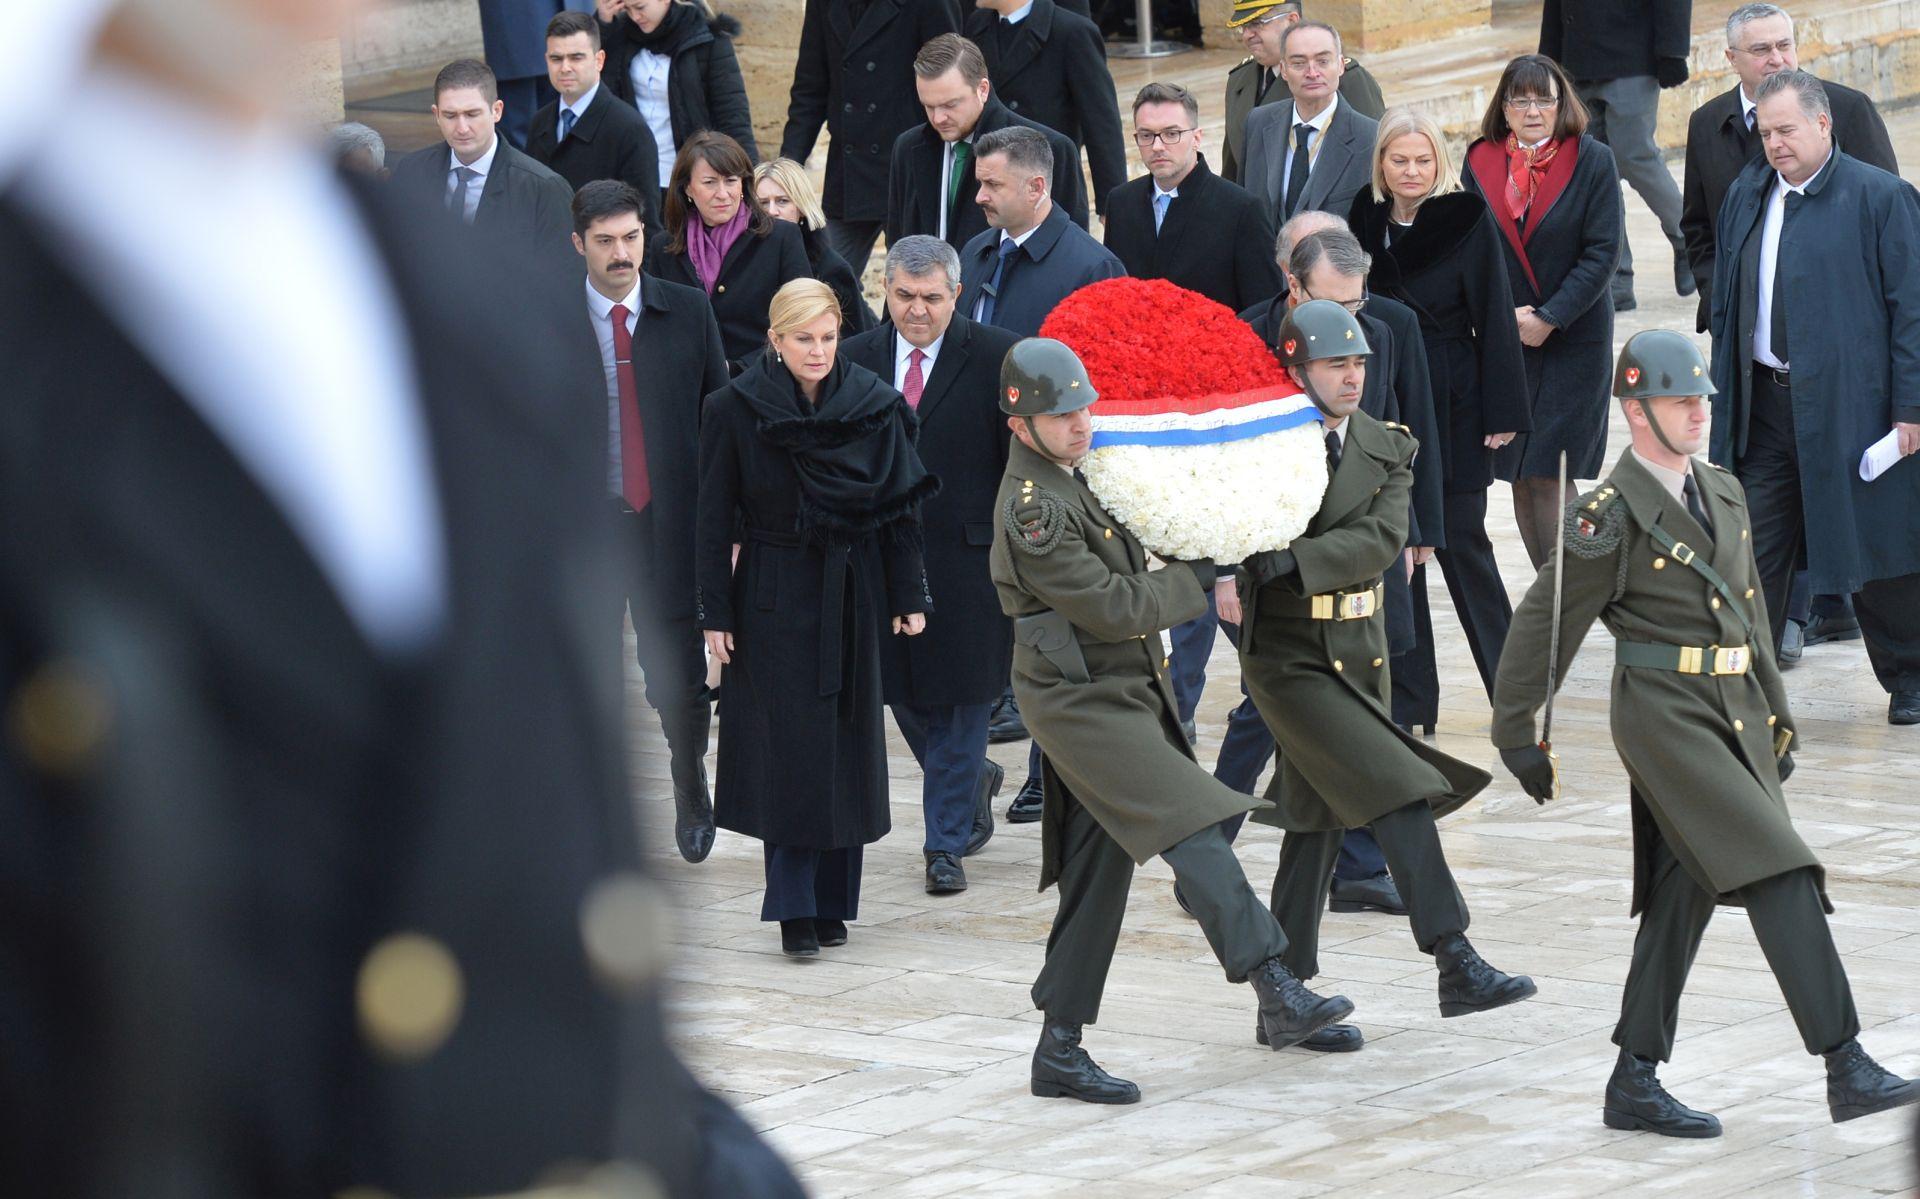 Predsjednica počela posjet Turskoj, položila vijenac na grob Ataturka